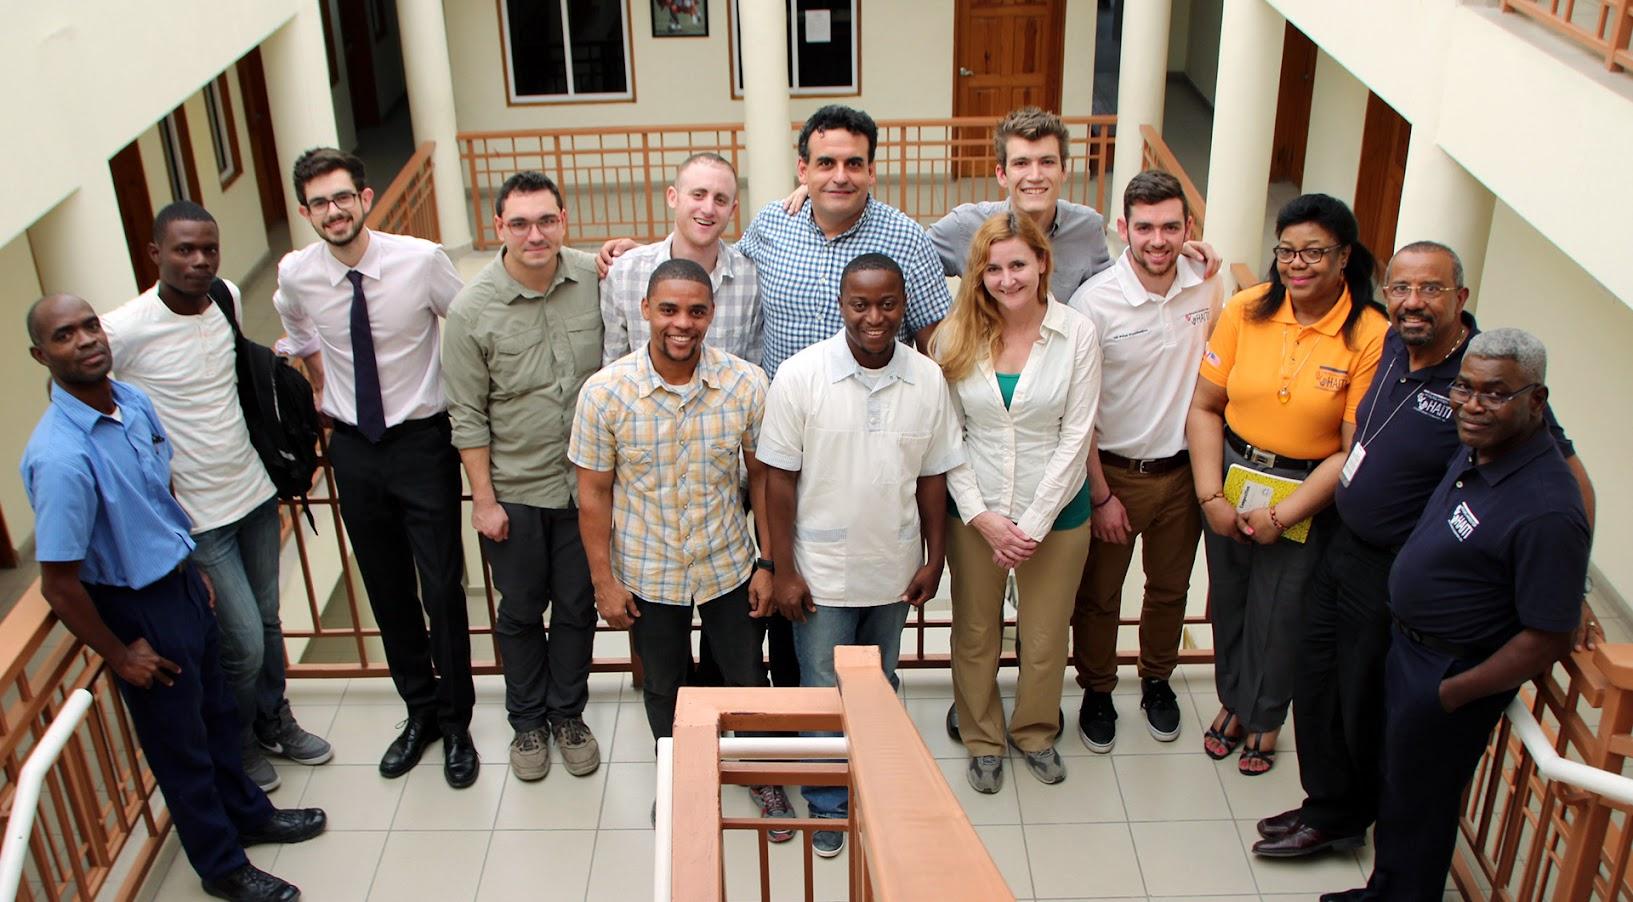 Сэм Хобиш (задний ряд, пятый слева) и команда LimbForge с персоналом клиники «Исцеляющие руки для Гаити» в Порт-о-Пренсе. Предоставлено LimbForge.